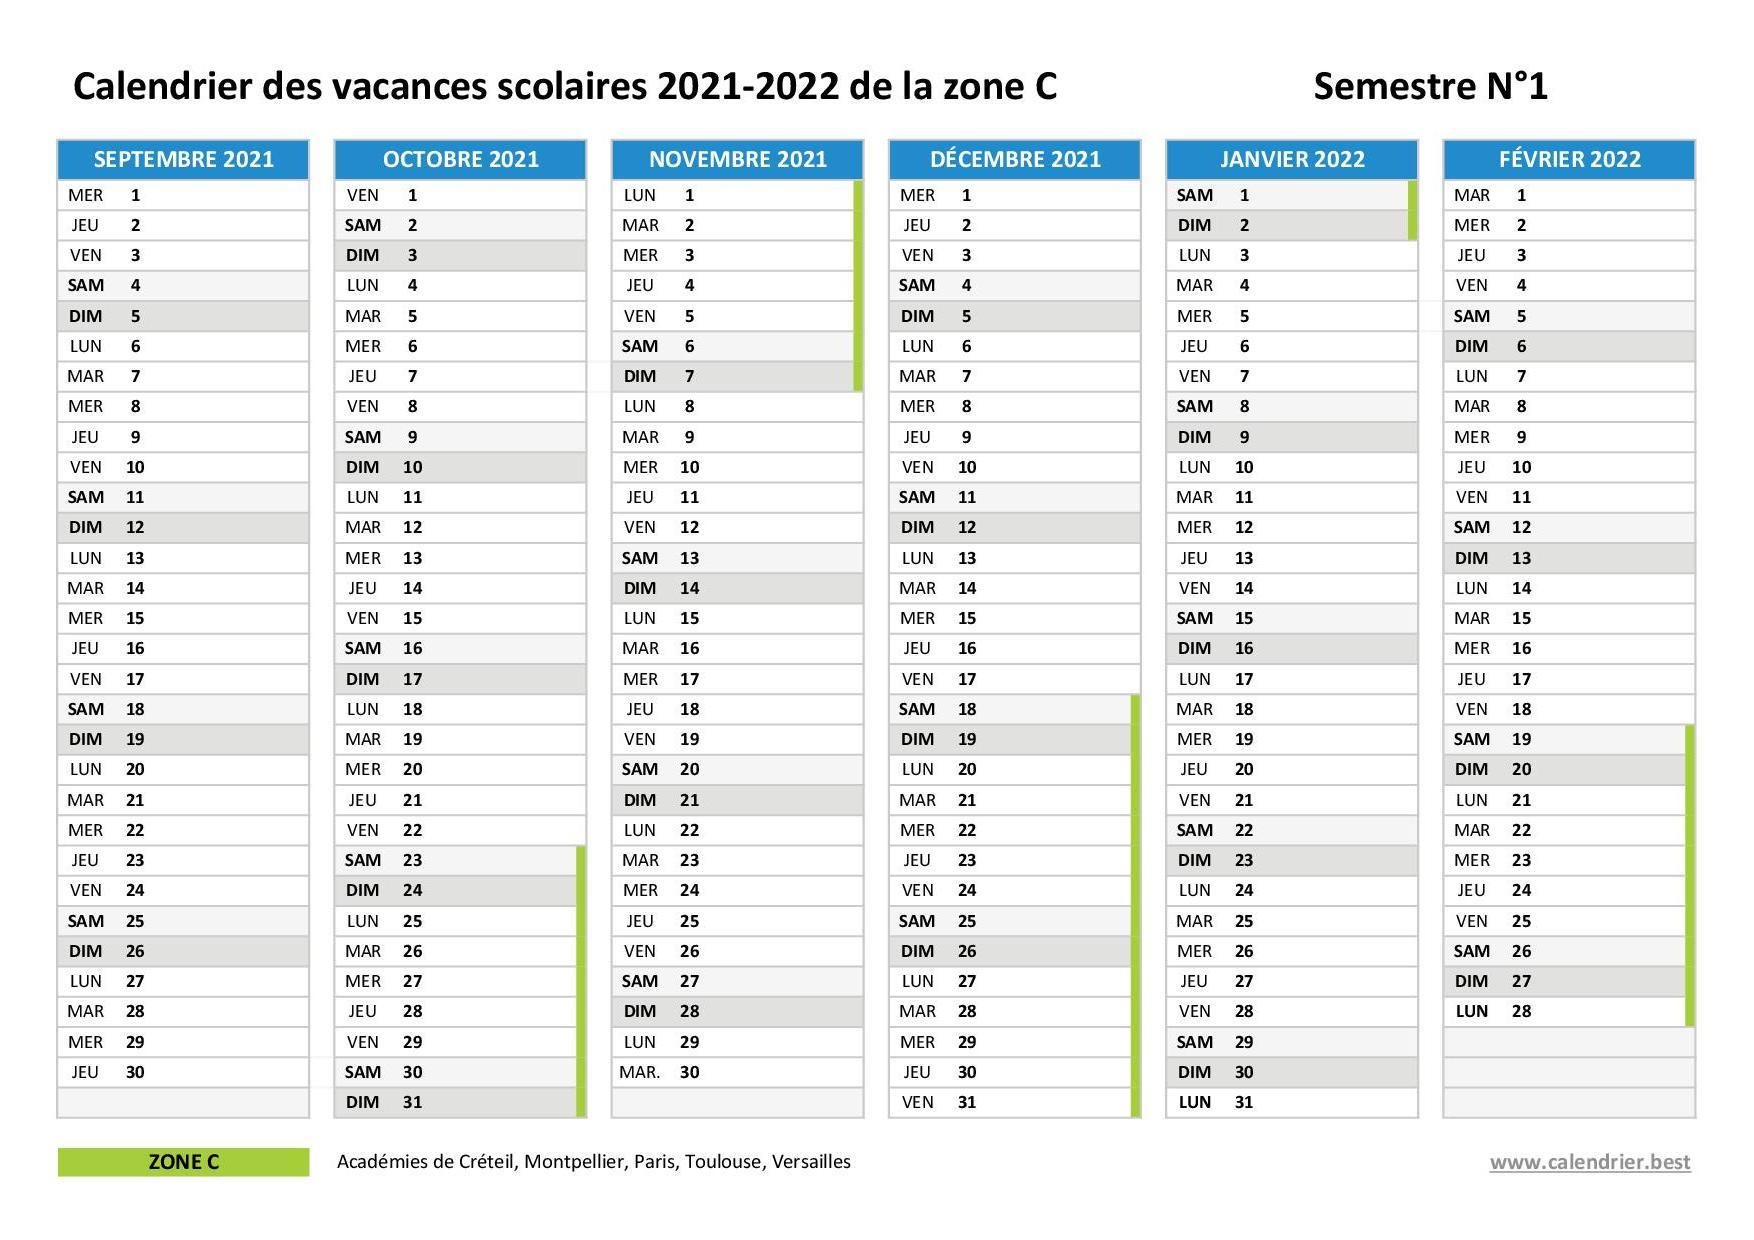 Vacances scolaires 2020 2021 et 2021 2022 Paris : dates et calendrier